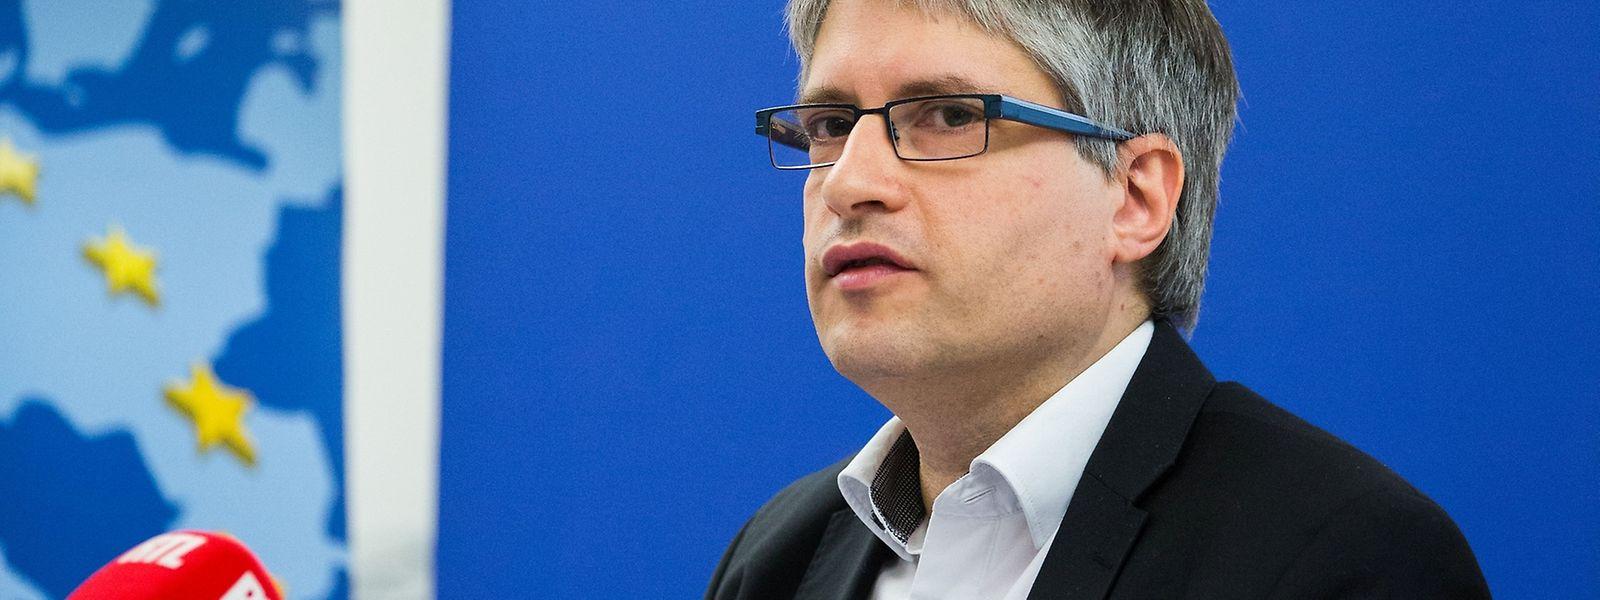 Der EU-Abgeordnete Sven Giegold kritisiert, dass die Luxemburg Rulingpraxis immer noch nicht aufgeklärt sei.